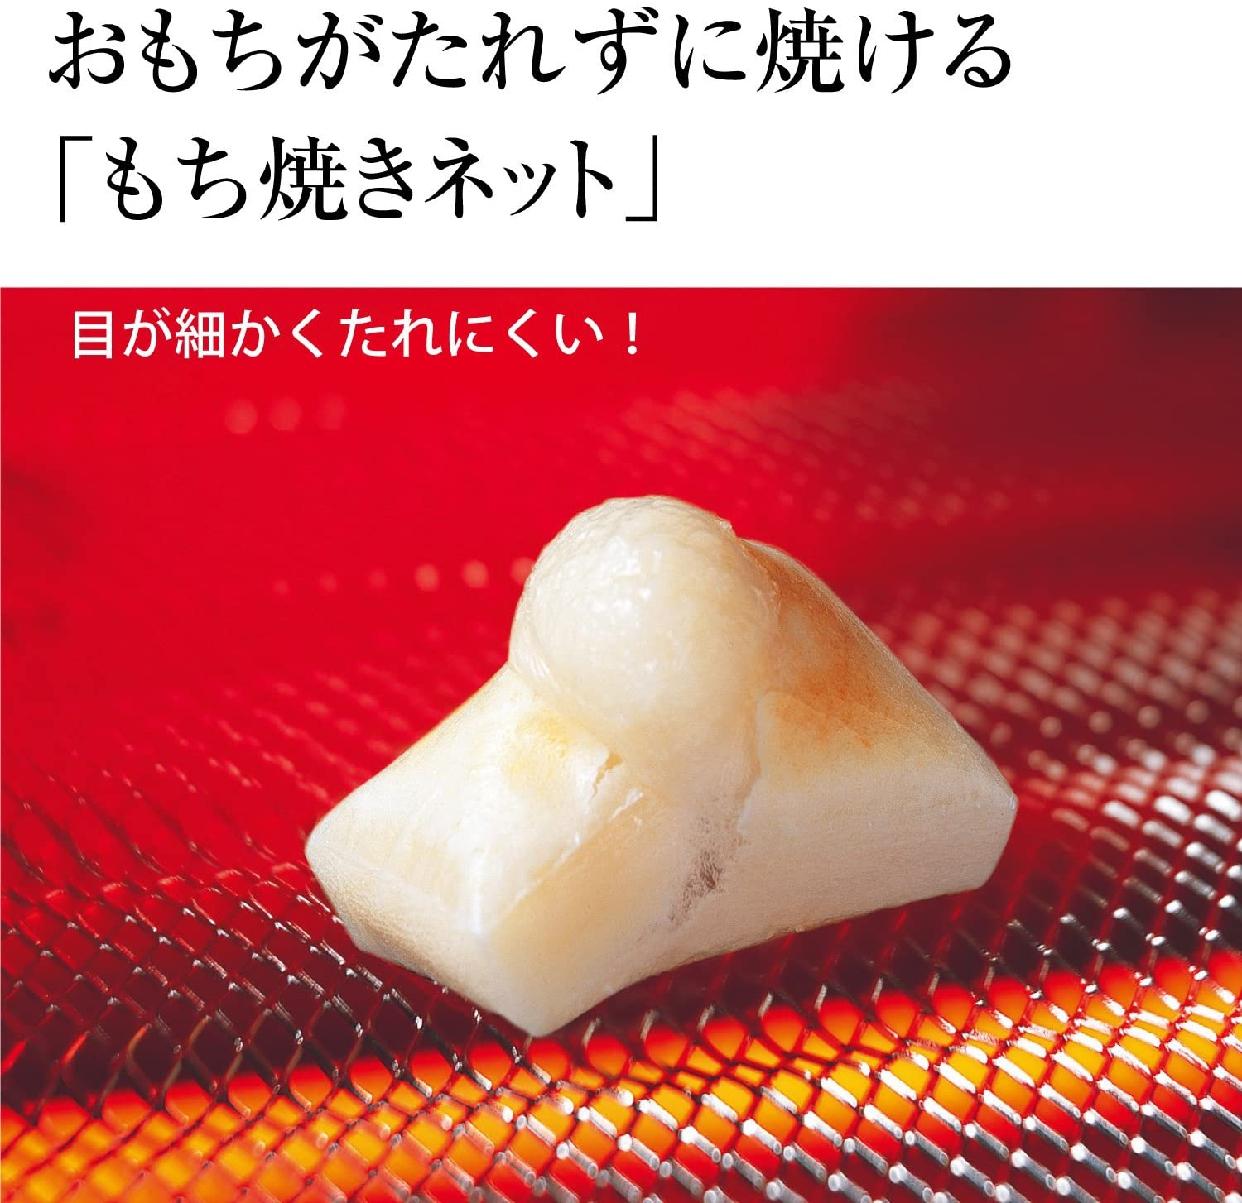 象印(ぞうじるし)オーブントースターこんがり倶楽部ET-WM22の商品画像5